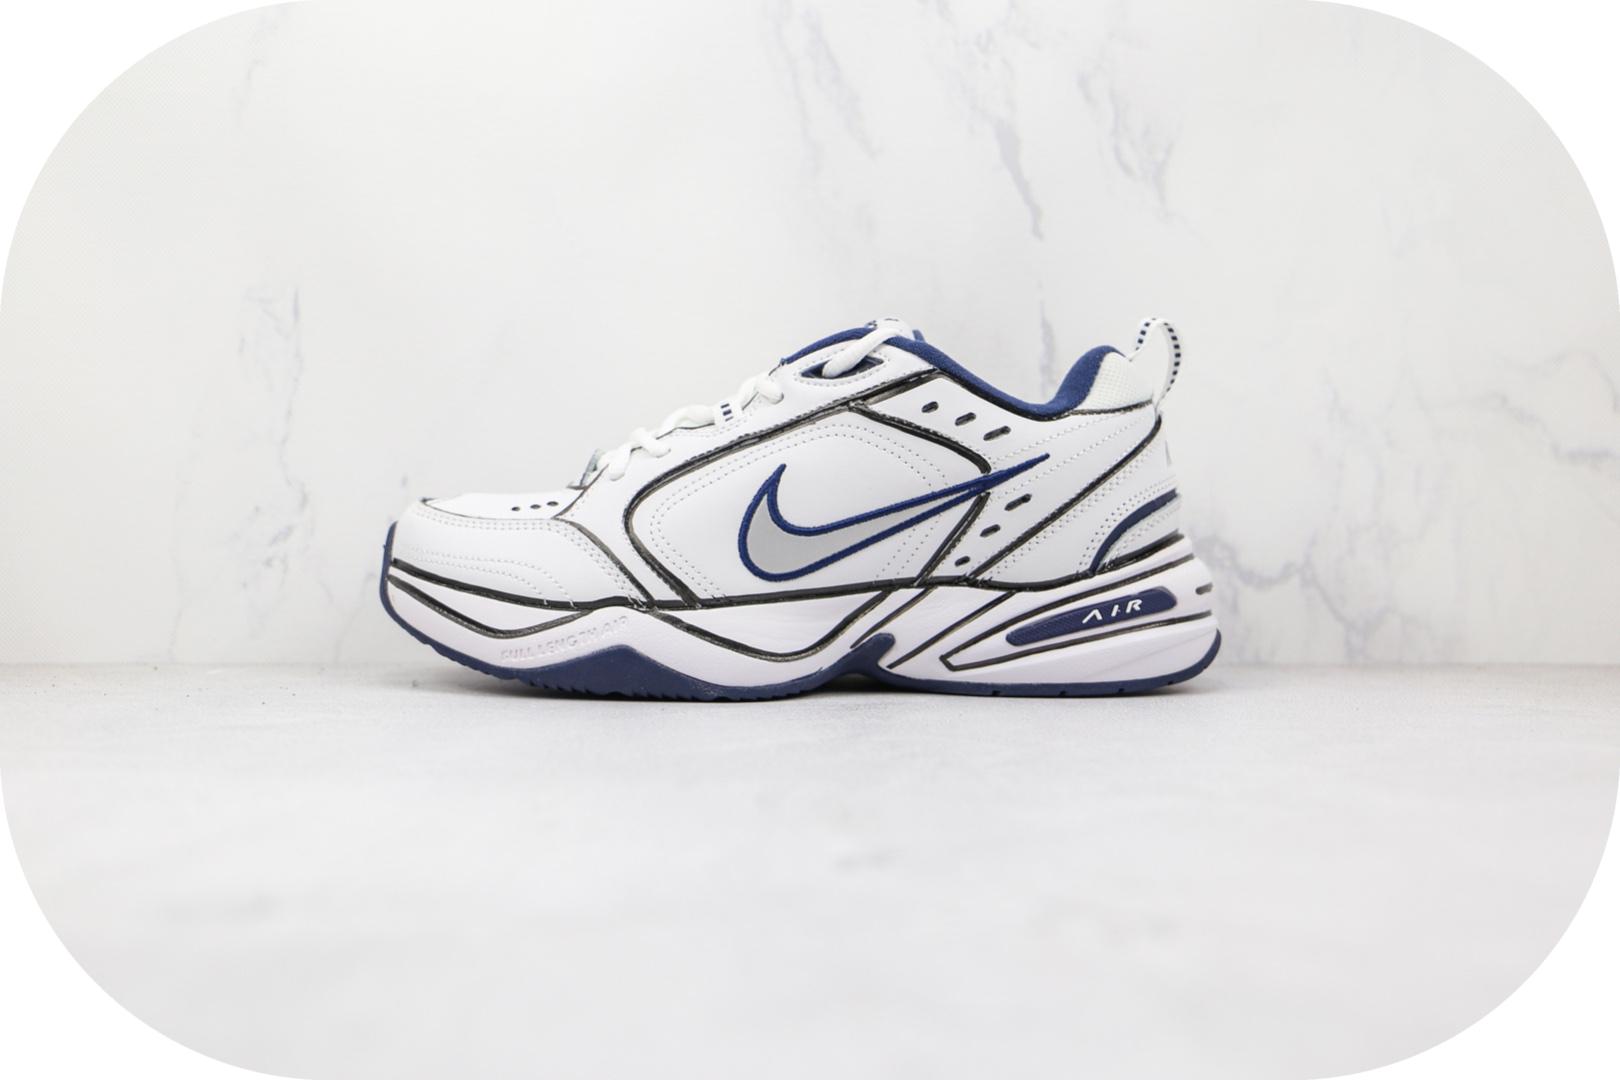 耐克Nike Air Monarch M2K纯原版本复古M2K白蓝色涂鸦老爹鞋原楦头纸板打造 货号:415445-102